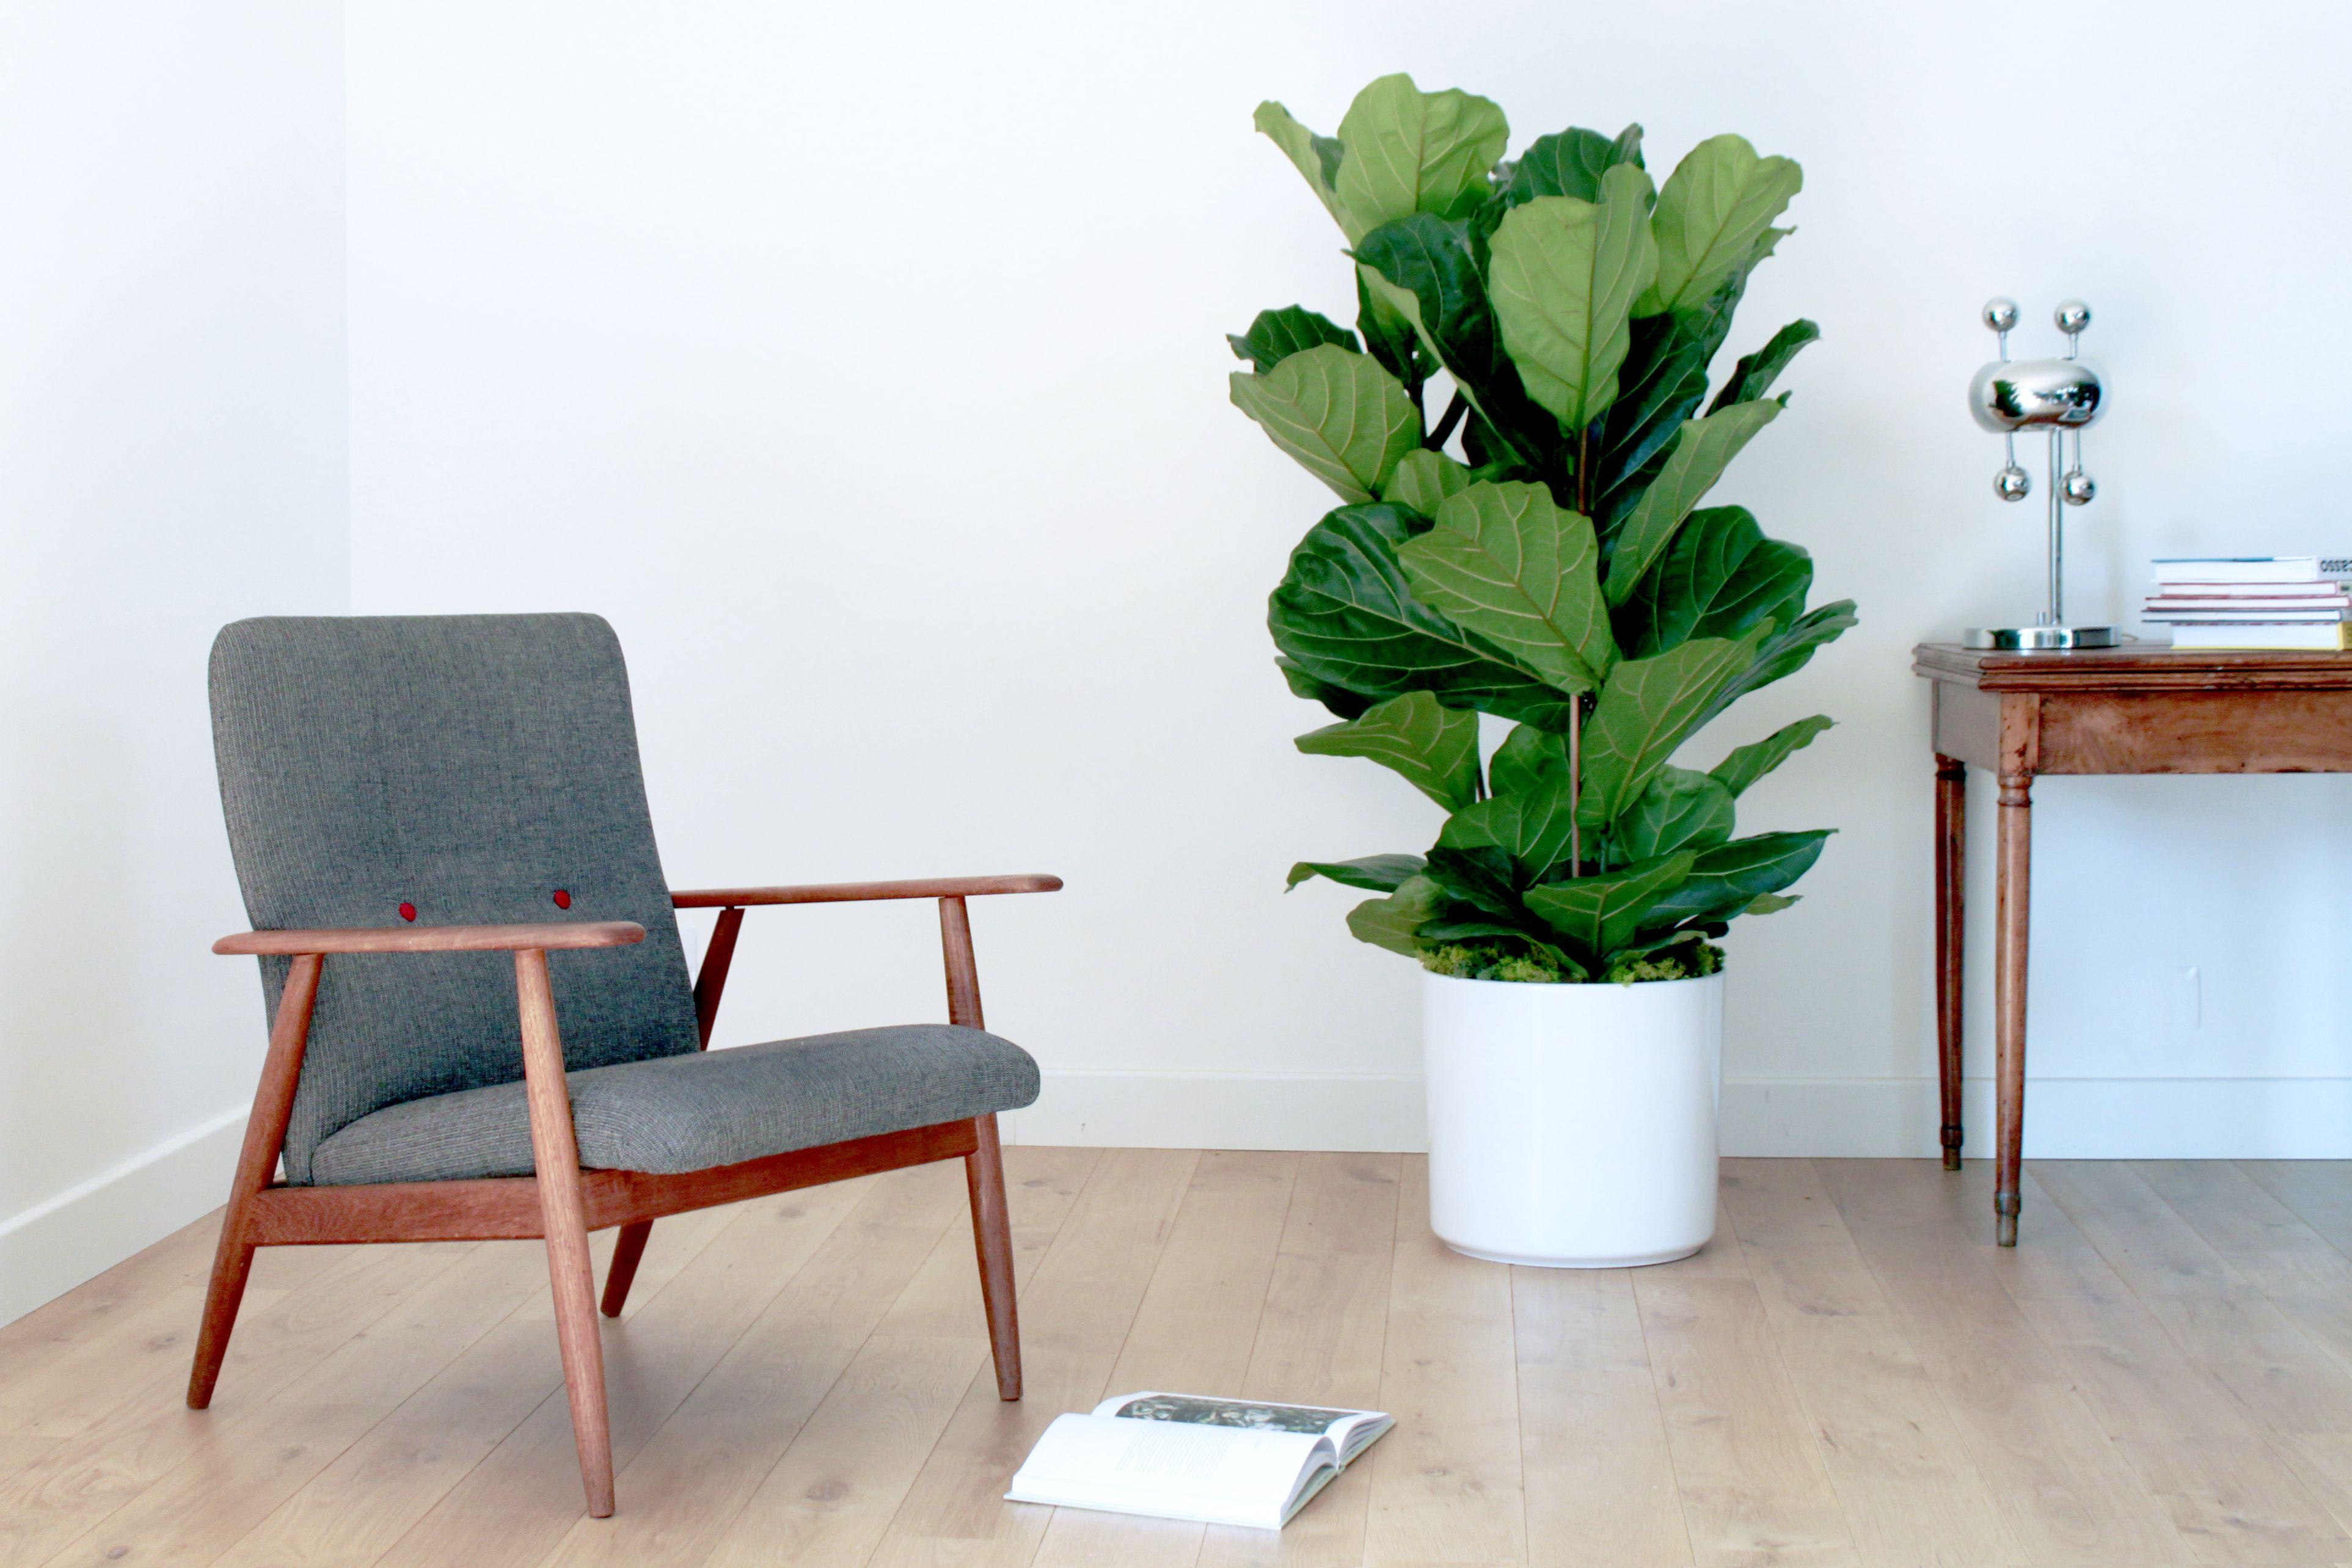 Luxuriant Et Sculptural, Le Ficus Lyrata Ou Figuier Lyre Apporte